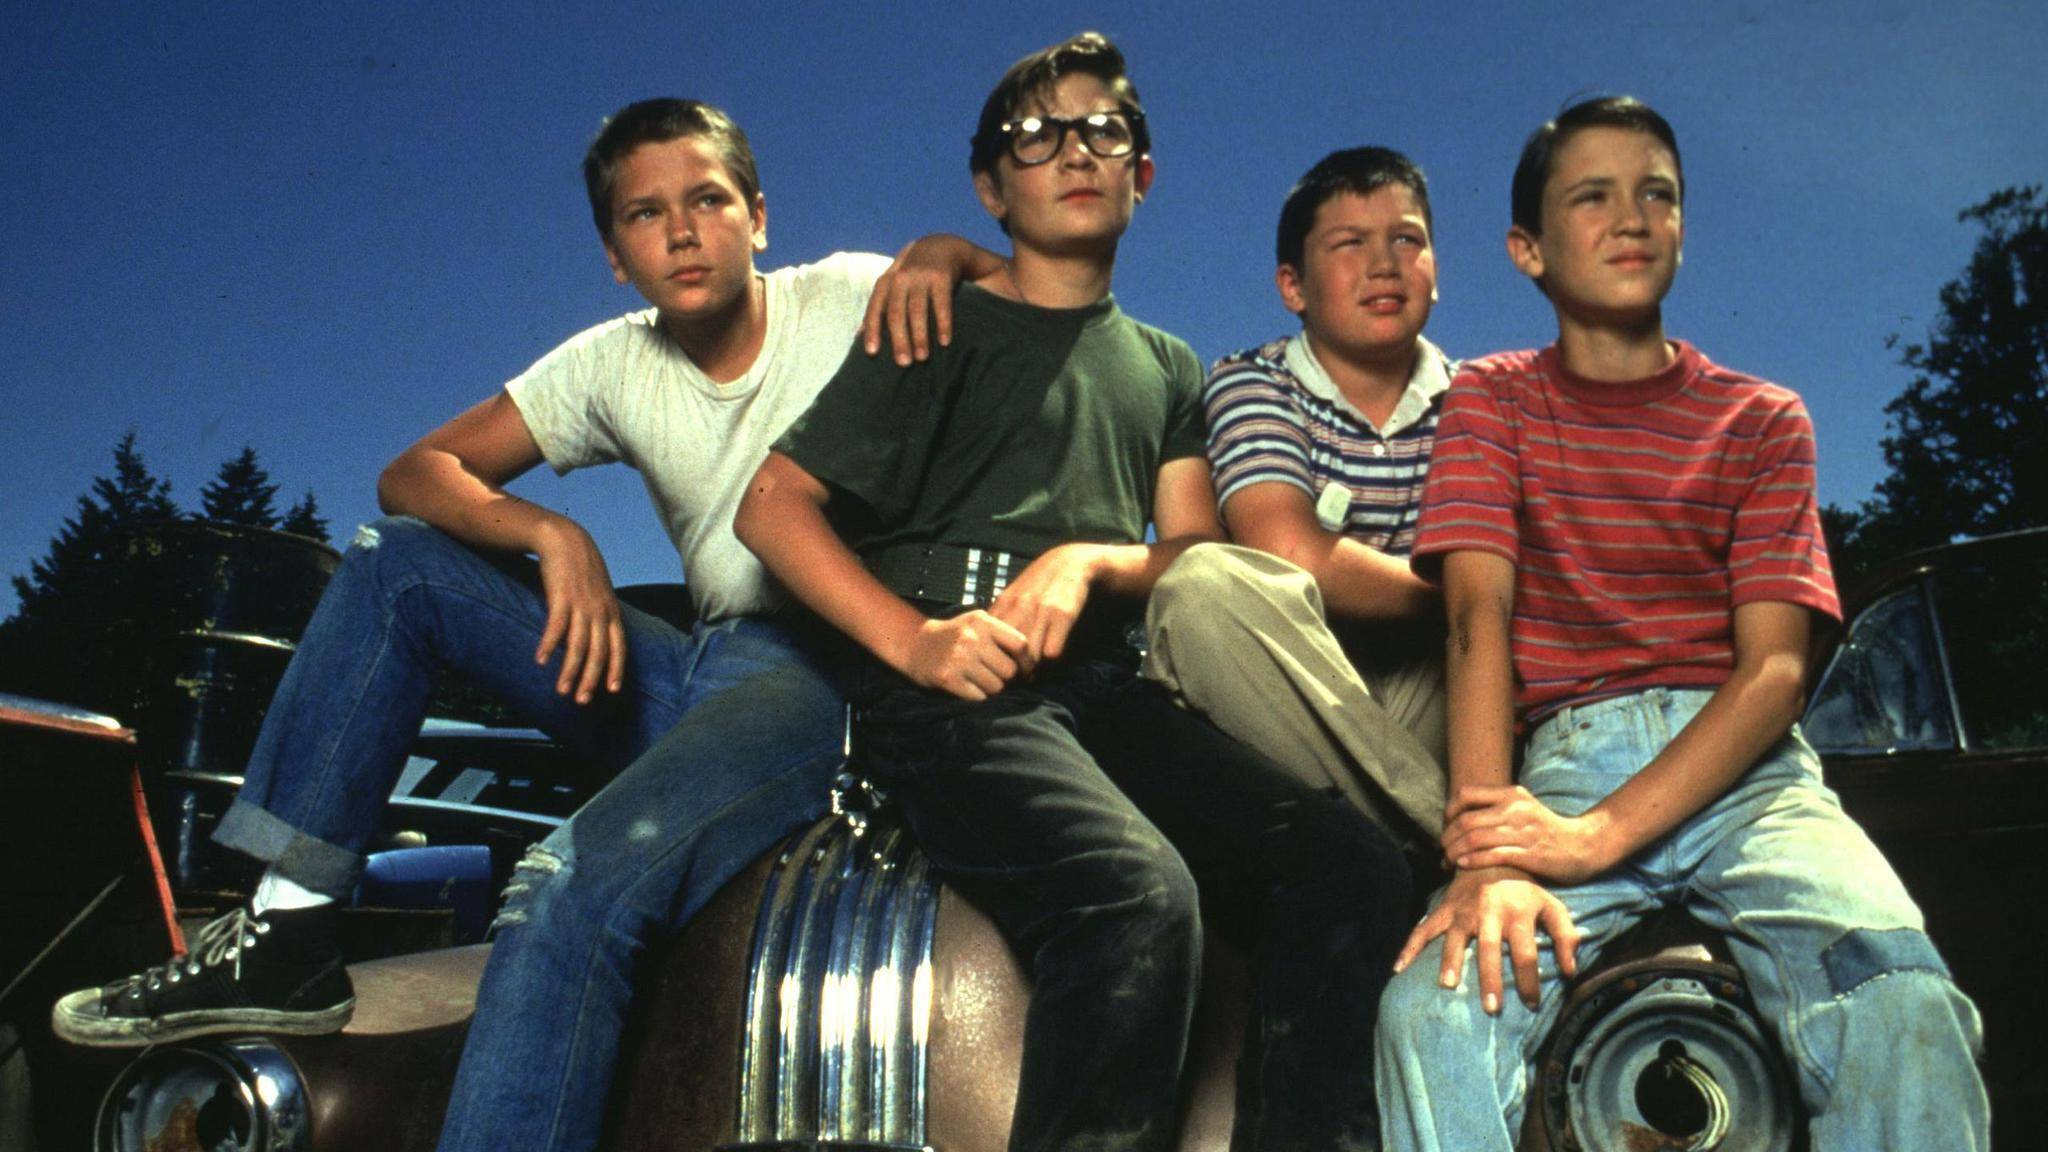 """Der Jugendfilmklassiker """"Stand by Me"""" basiert auf einer Erzählung von Stephen King."""